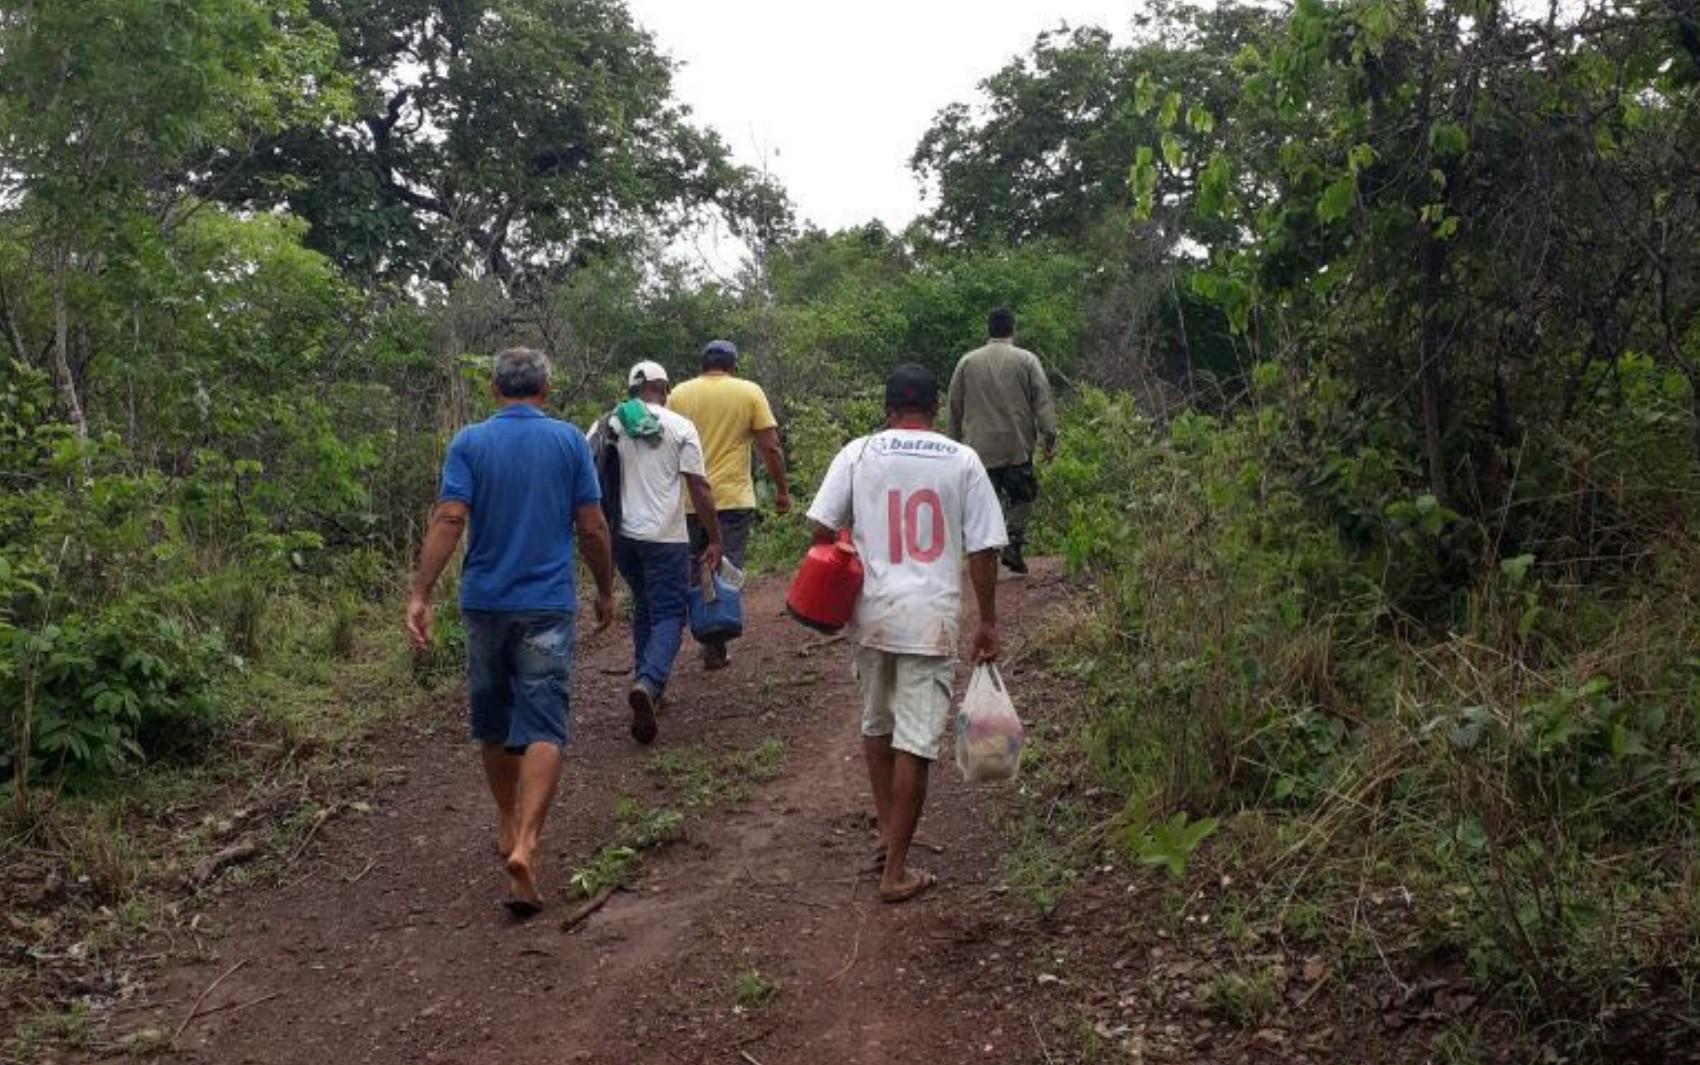 Ação do MP prende 5 em garimpo clandestino de ouro em São Domingos